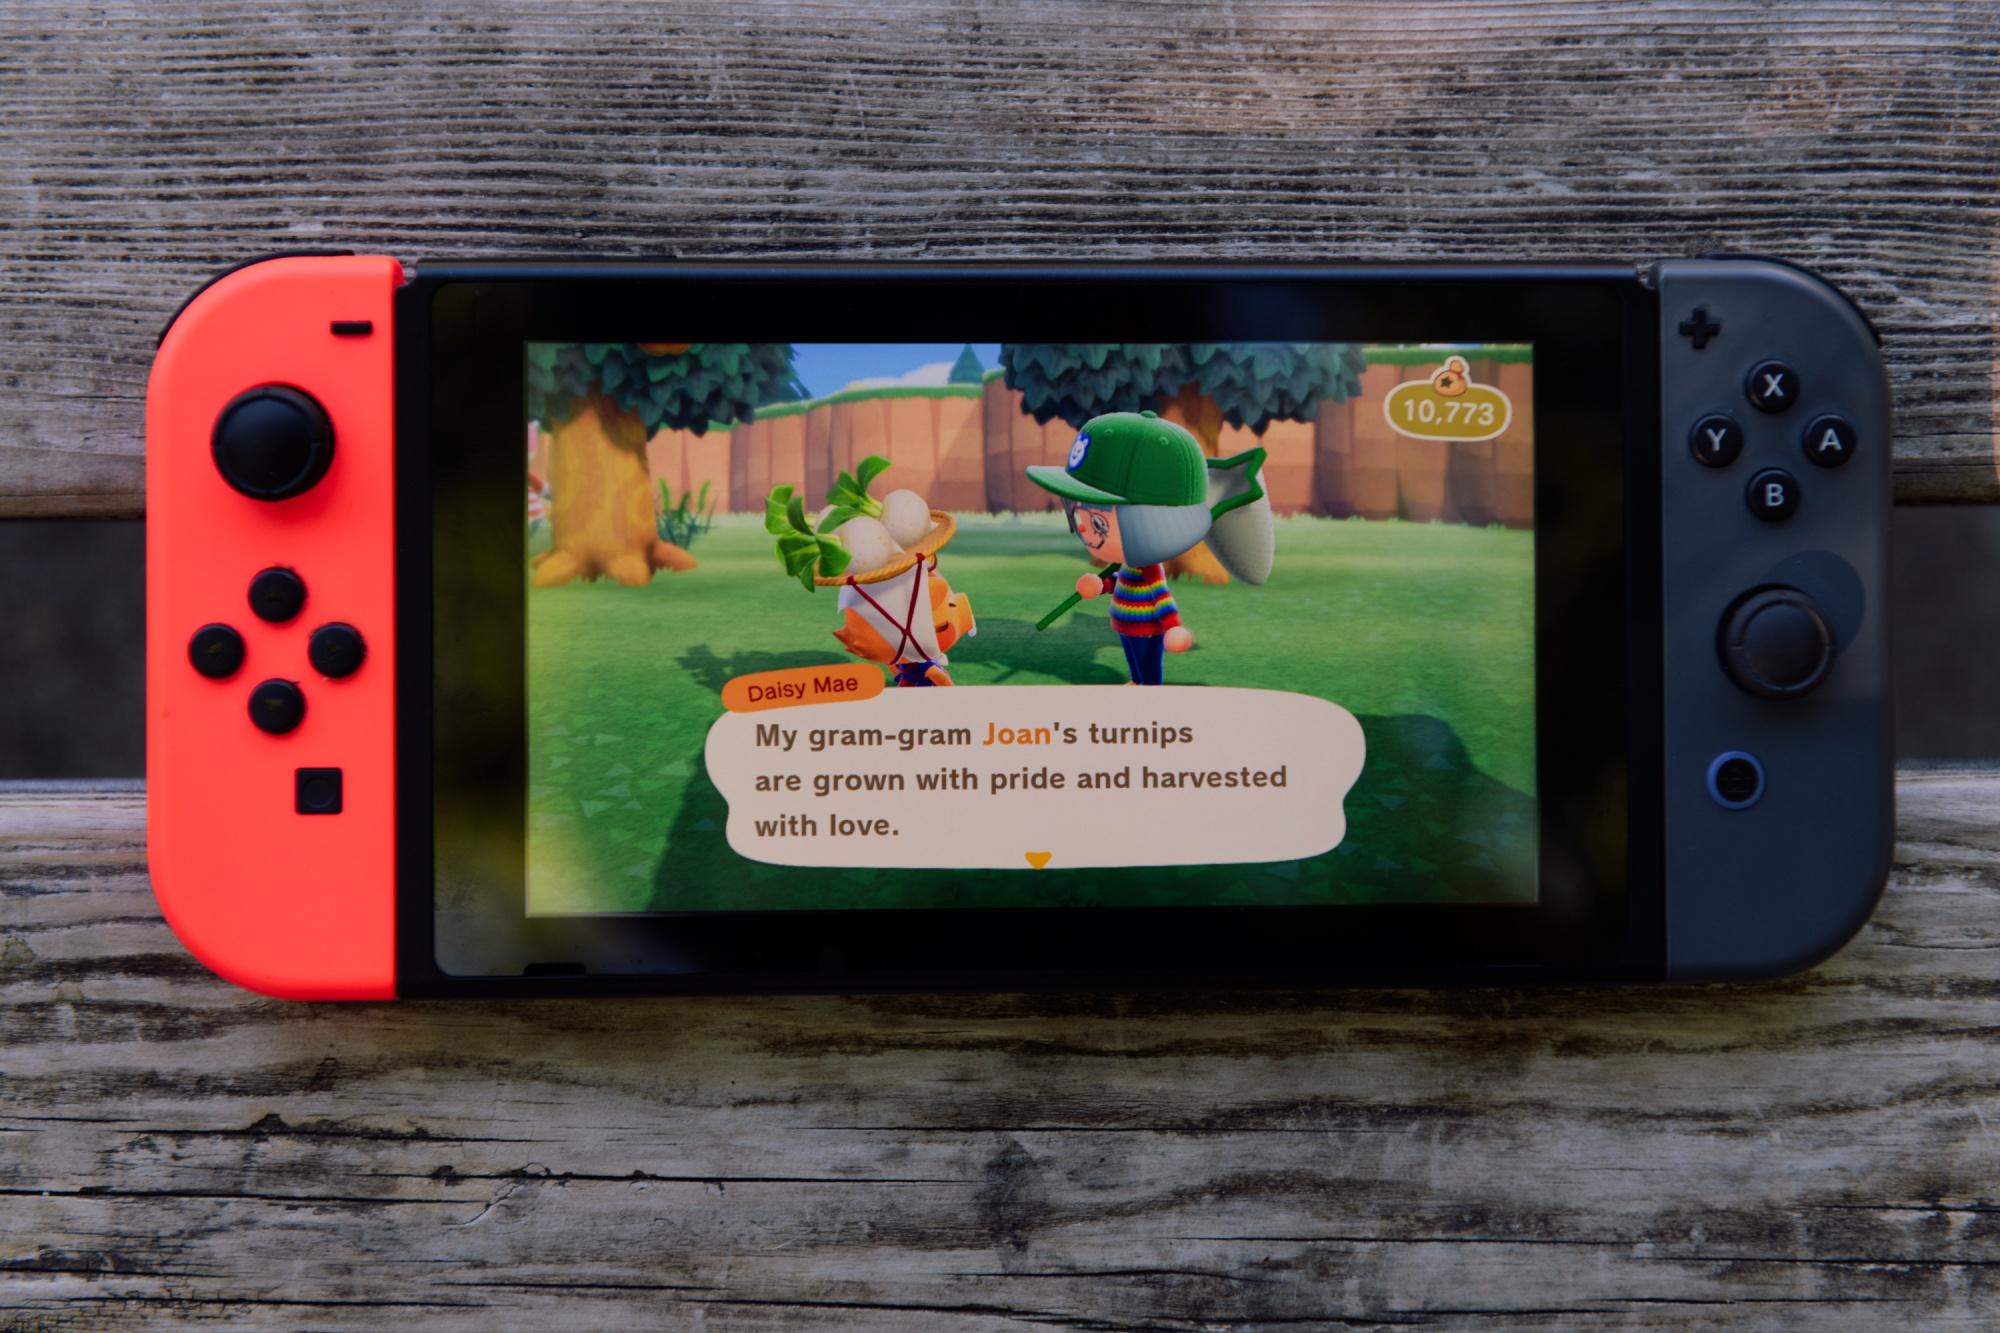 ข่าวลือล่าสุด! Nintendo เตรียมเปิดตัว Switch โมเดลใหม่ใช้หน้าจอ OLED ขนาด 7 นิ้ว พร้อมภาพระดับ 4k บน Docked ภายในปีนี้?